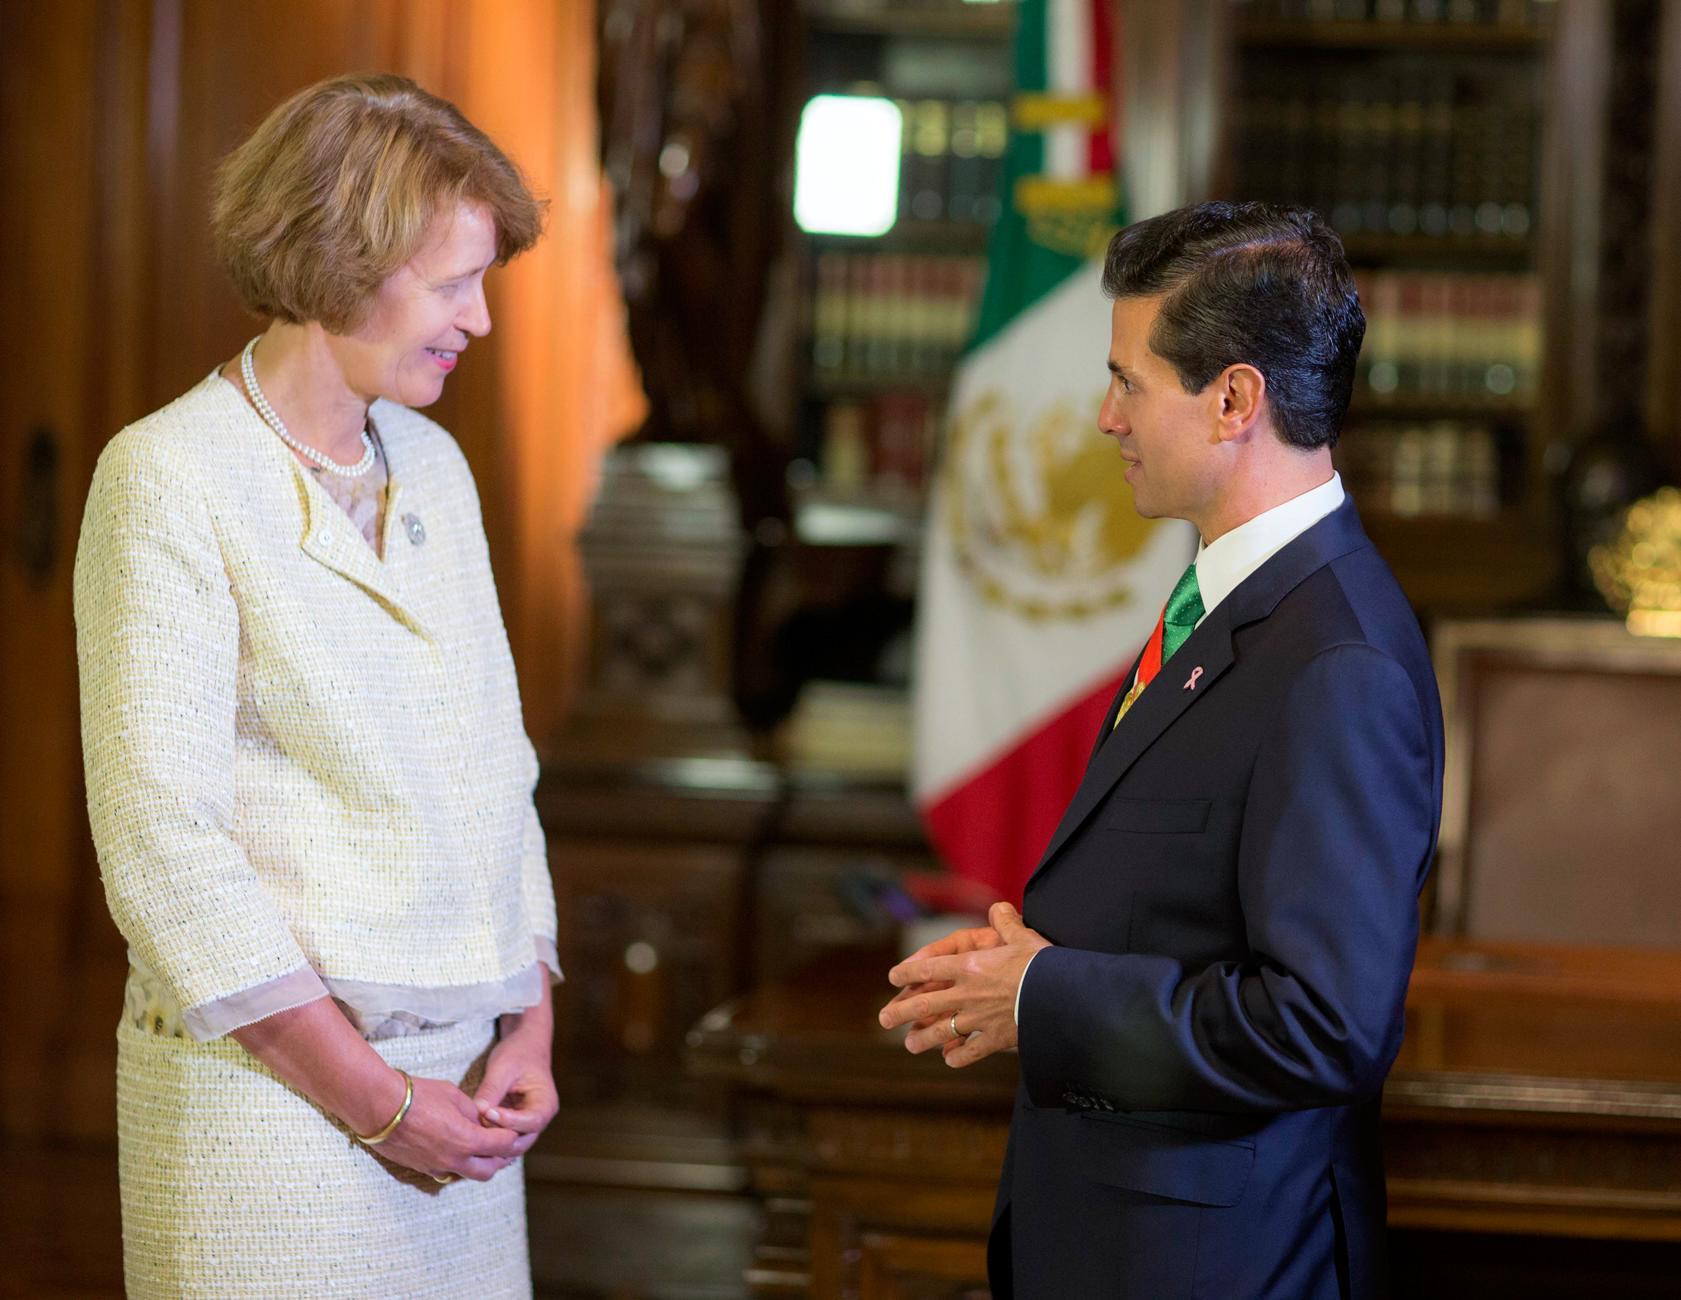 El Primer Mandatario con la señora Margriet Leemhuis, Embajadora del Reino de los Países Bajos.